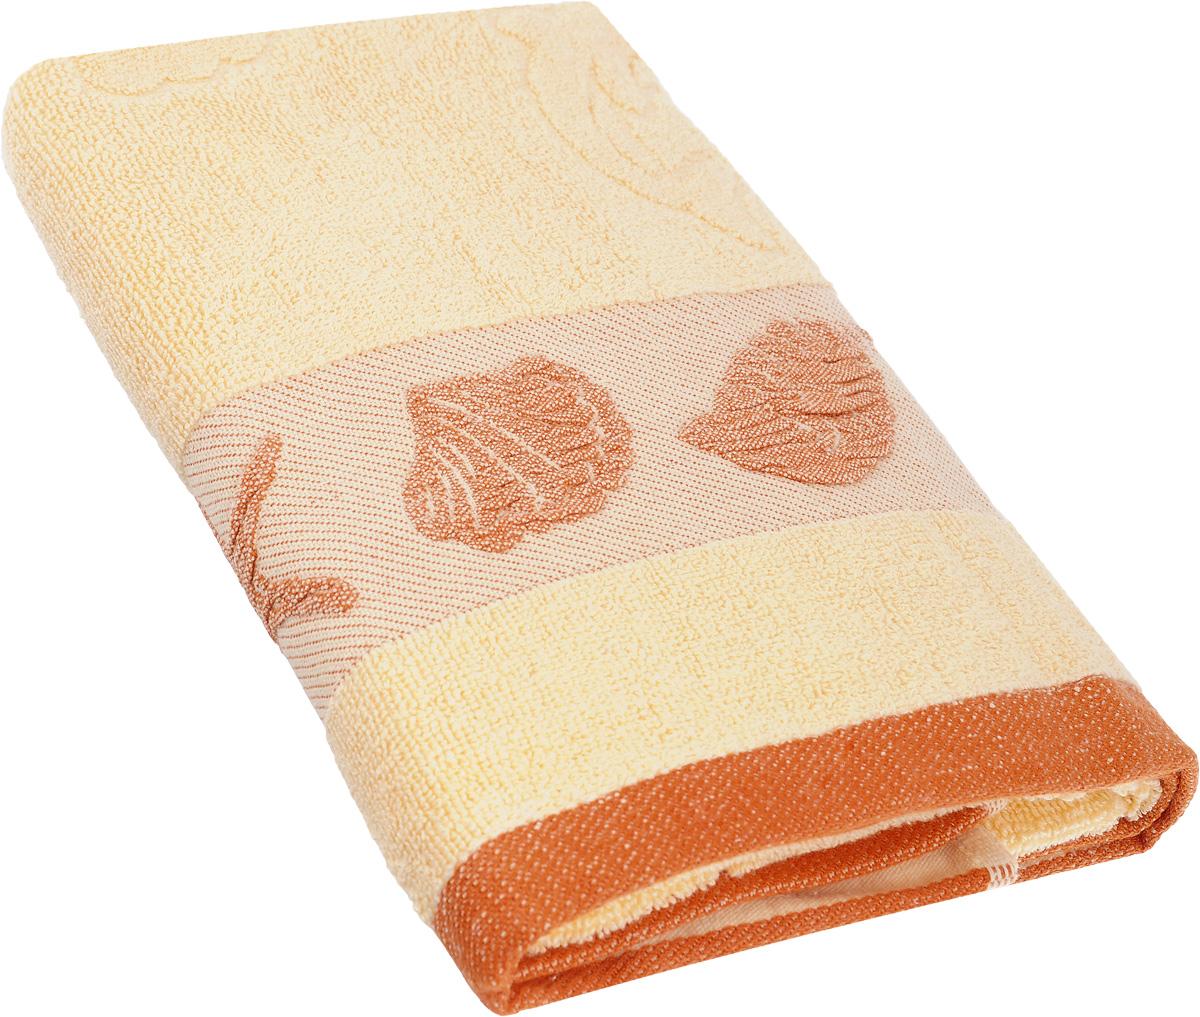 Полотенце Arya Marito, цвет: персиковый, оранжевый, 50 х 100 смF0007826_персиковый, оранжевыйПолотенце Arya Marito выполнено из 100% хлопка. Изделие отлично впитывает влагу, быстро сохнет, сохраняет яркость цвета и не теряет форму даже после многократных стирок. Такое полотенце очень практично и неприхотливо в уходе. Оно создаст прекрасное настроение и украсит интерьер в ванной комнате.